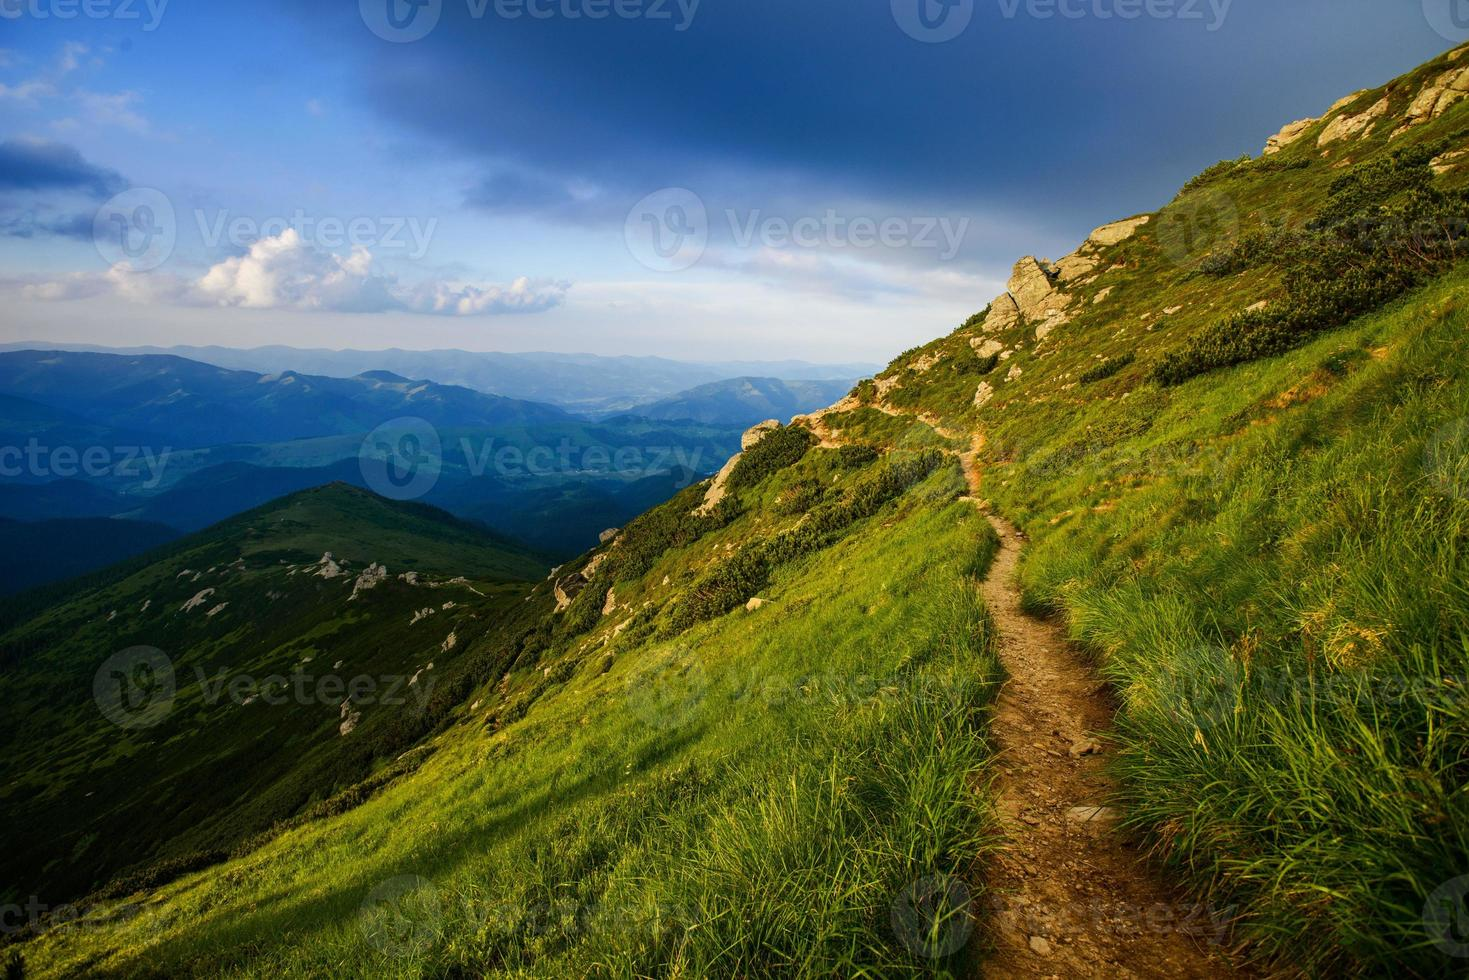 montaña en verano foto